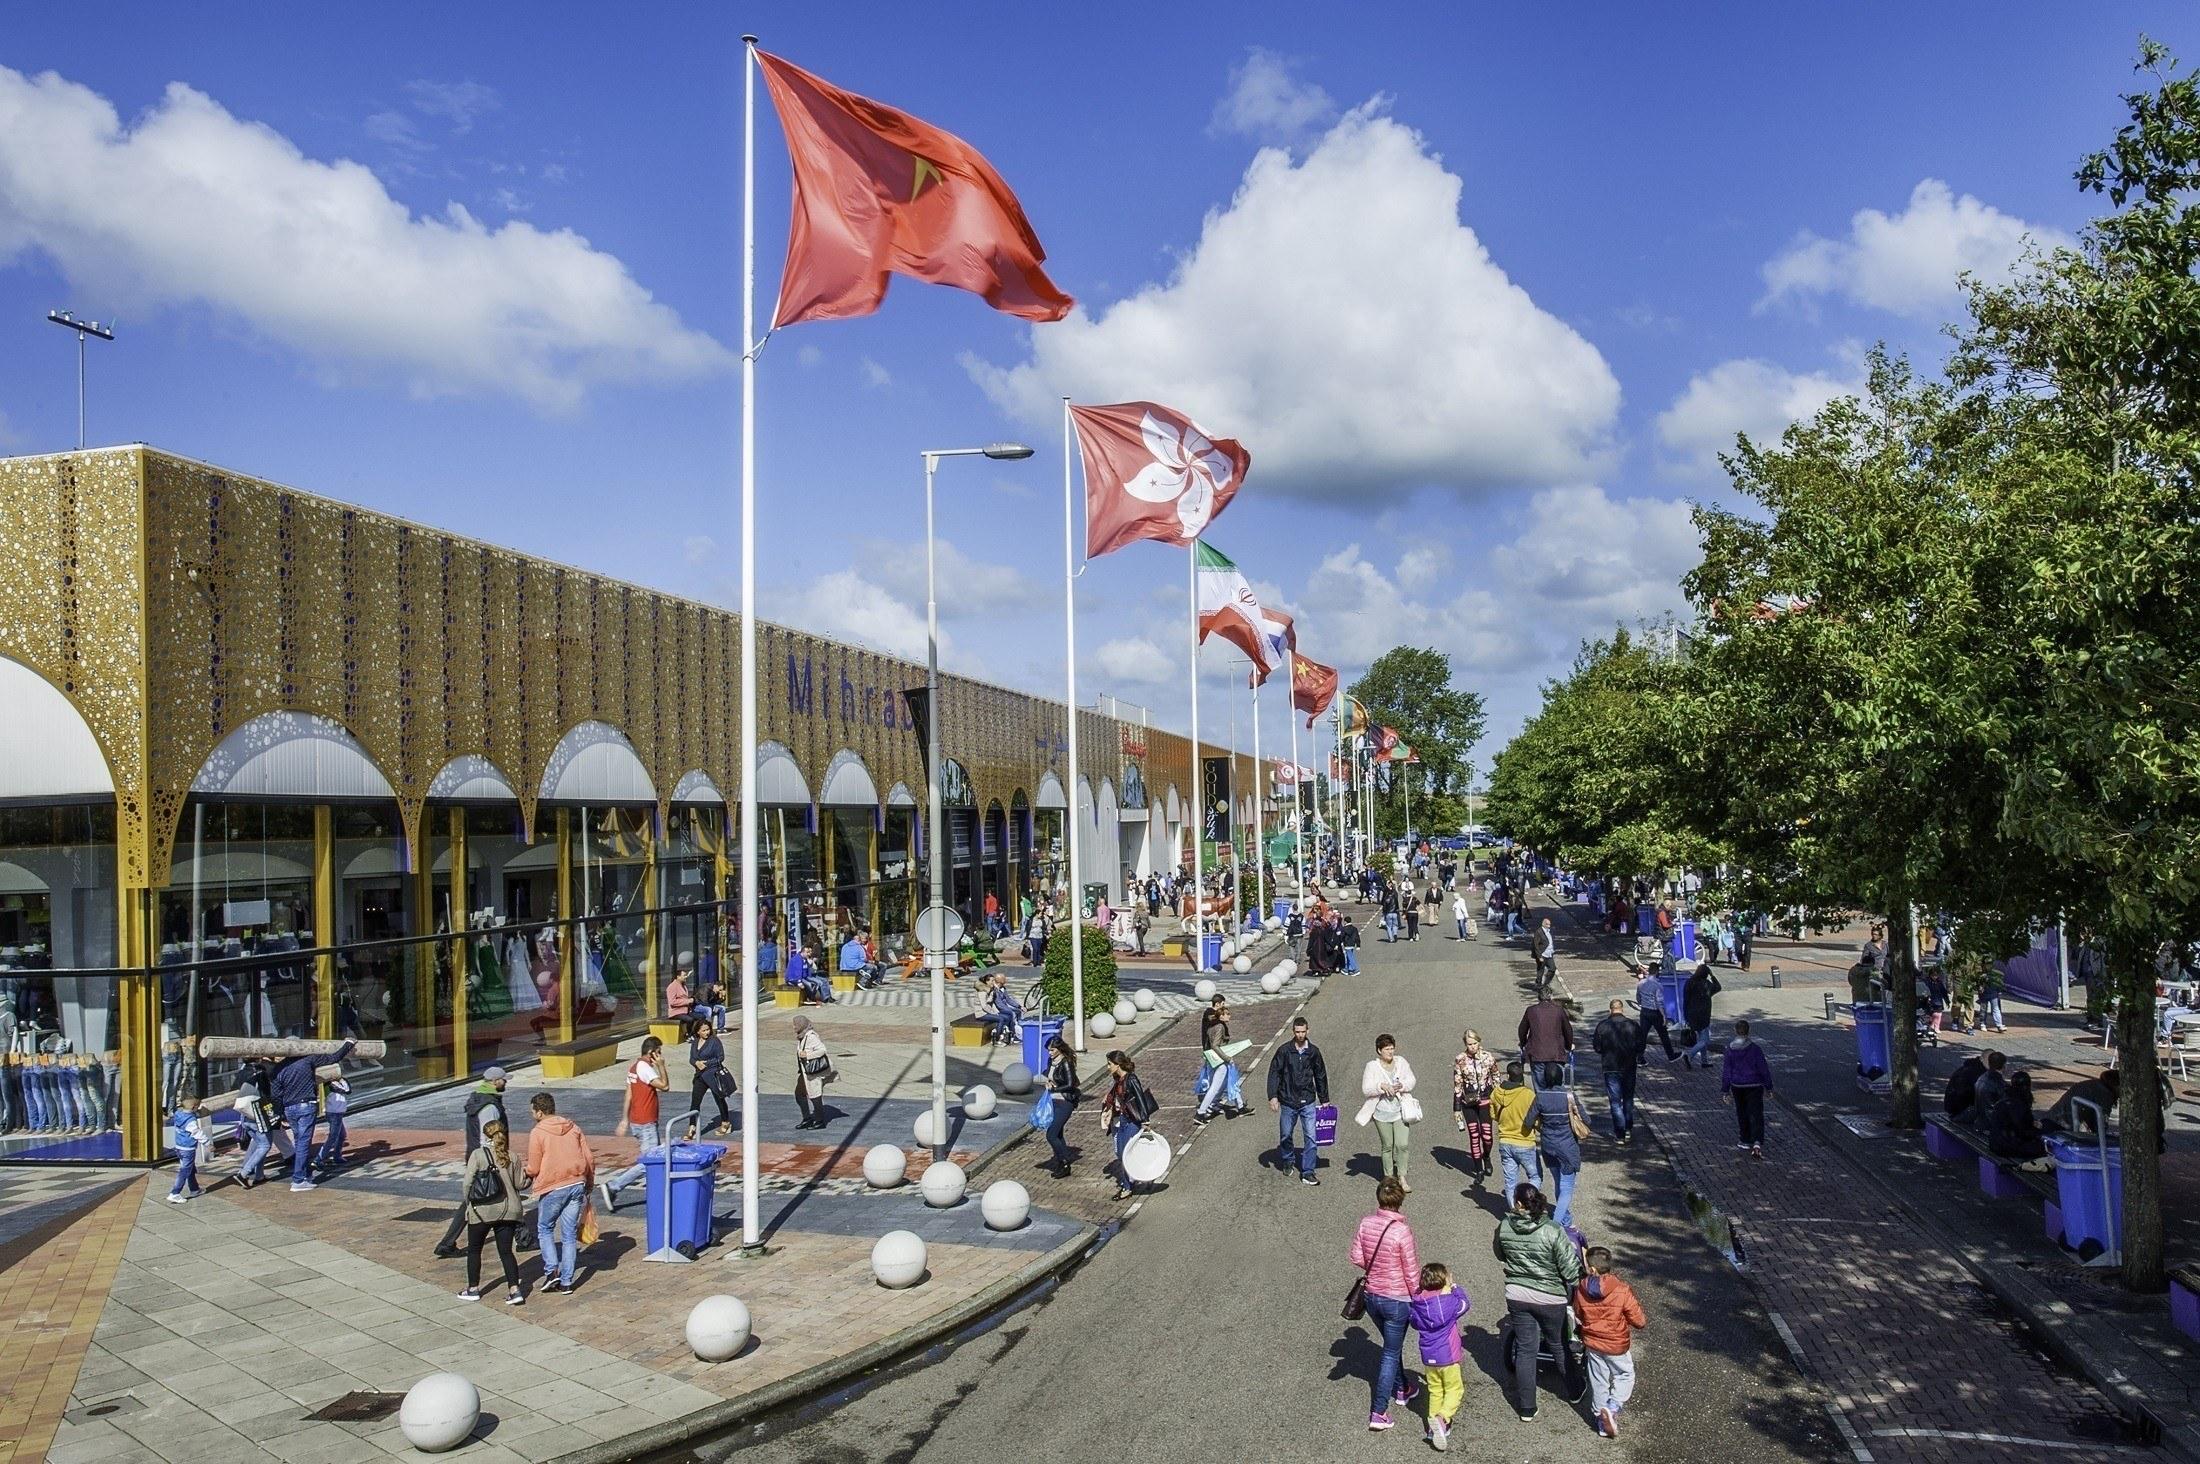 Boulevard De Bazaar Beverwijk